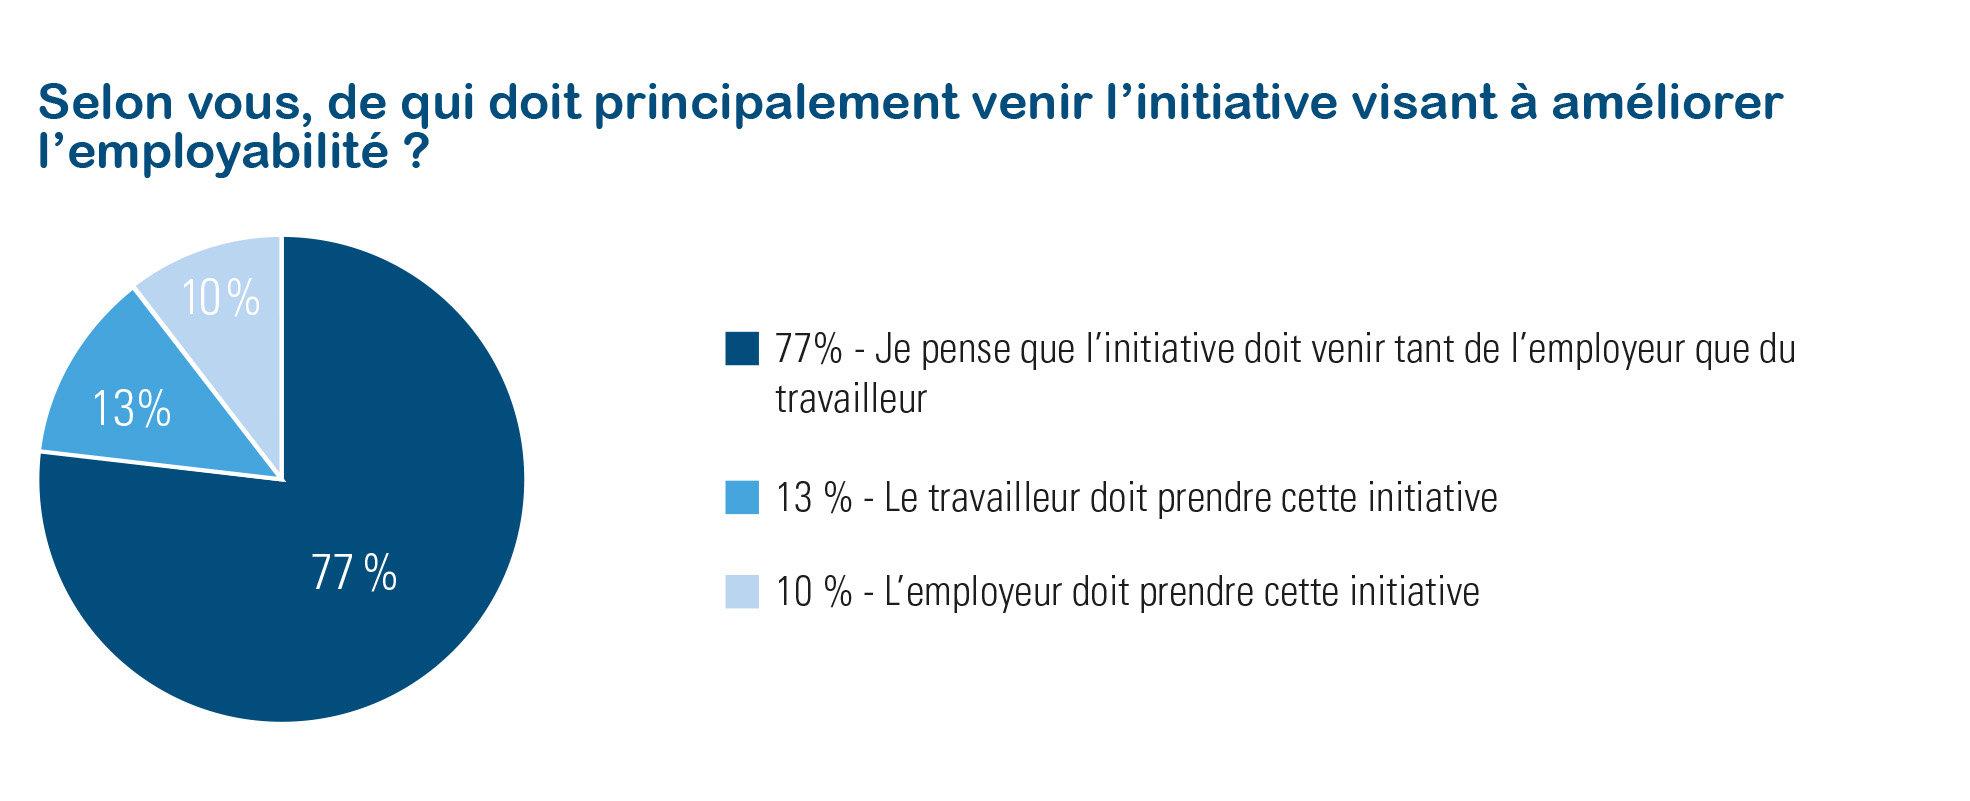 Évaluation de la responsabilité en matière d'employabilité par le travailleur - Talent Pulse